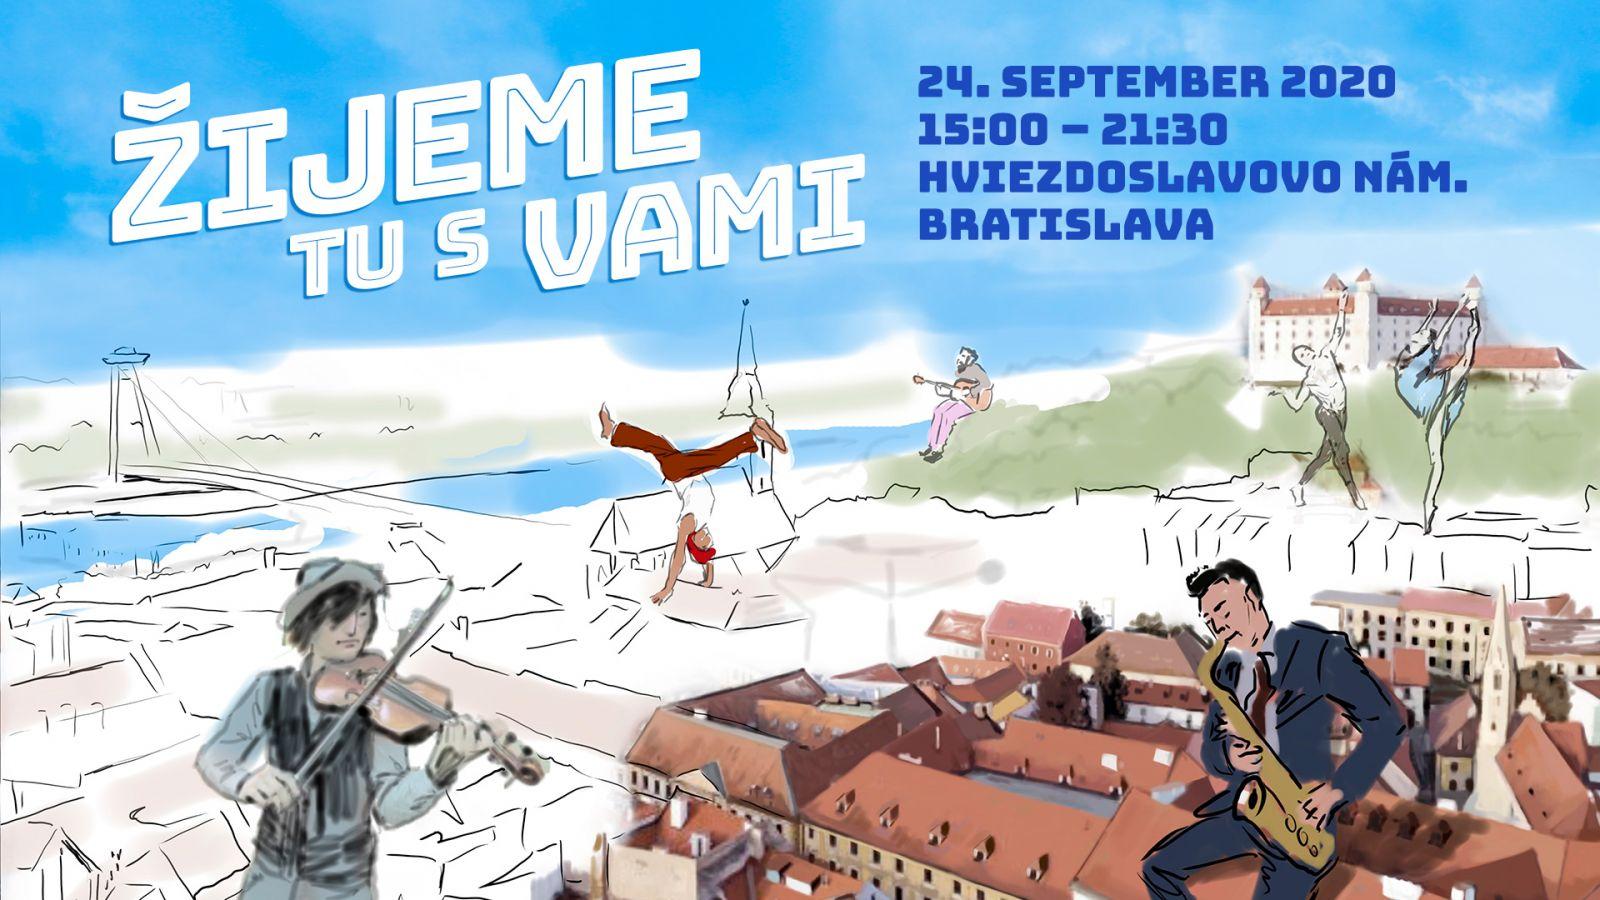 Režisér N. Slovák organizuje festival na podporu robotníkov kultúry